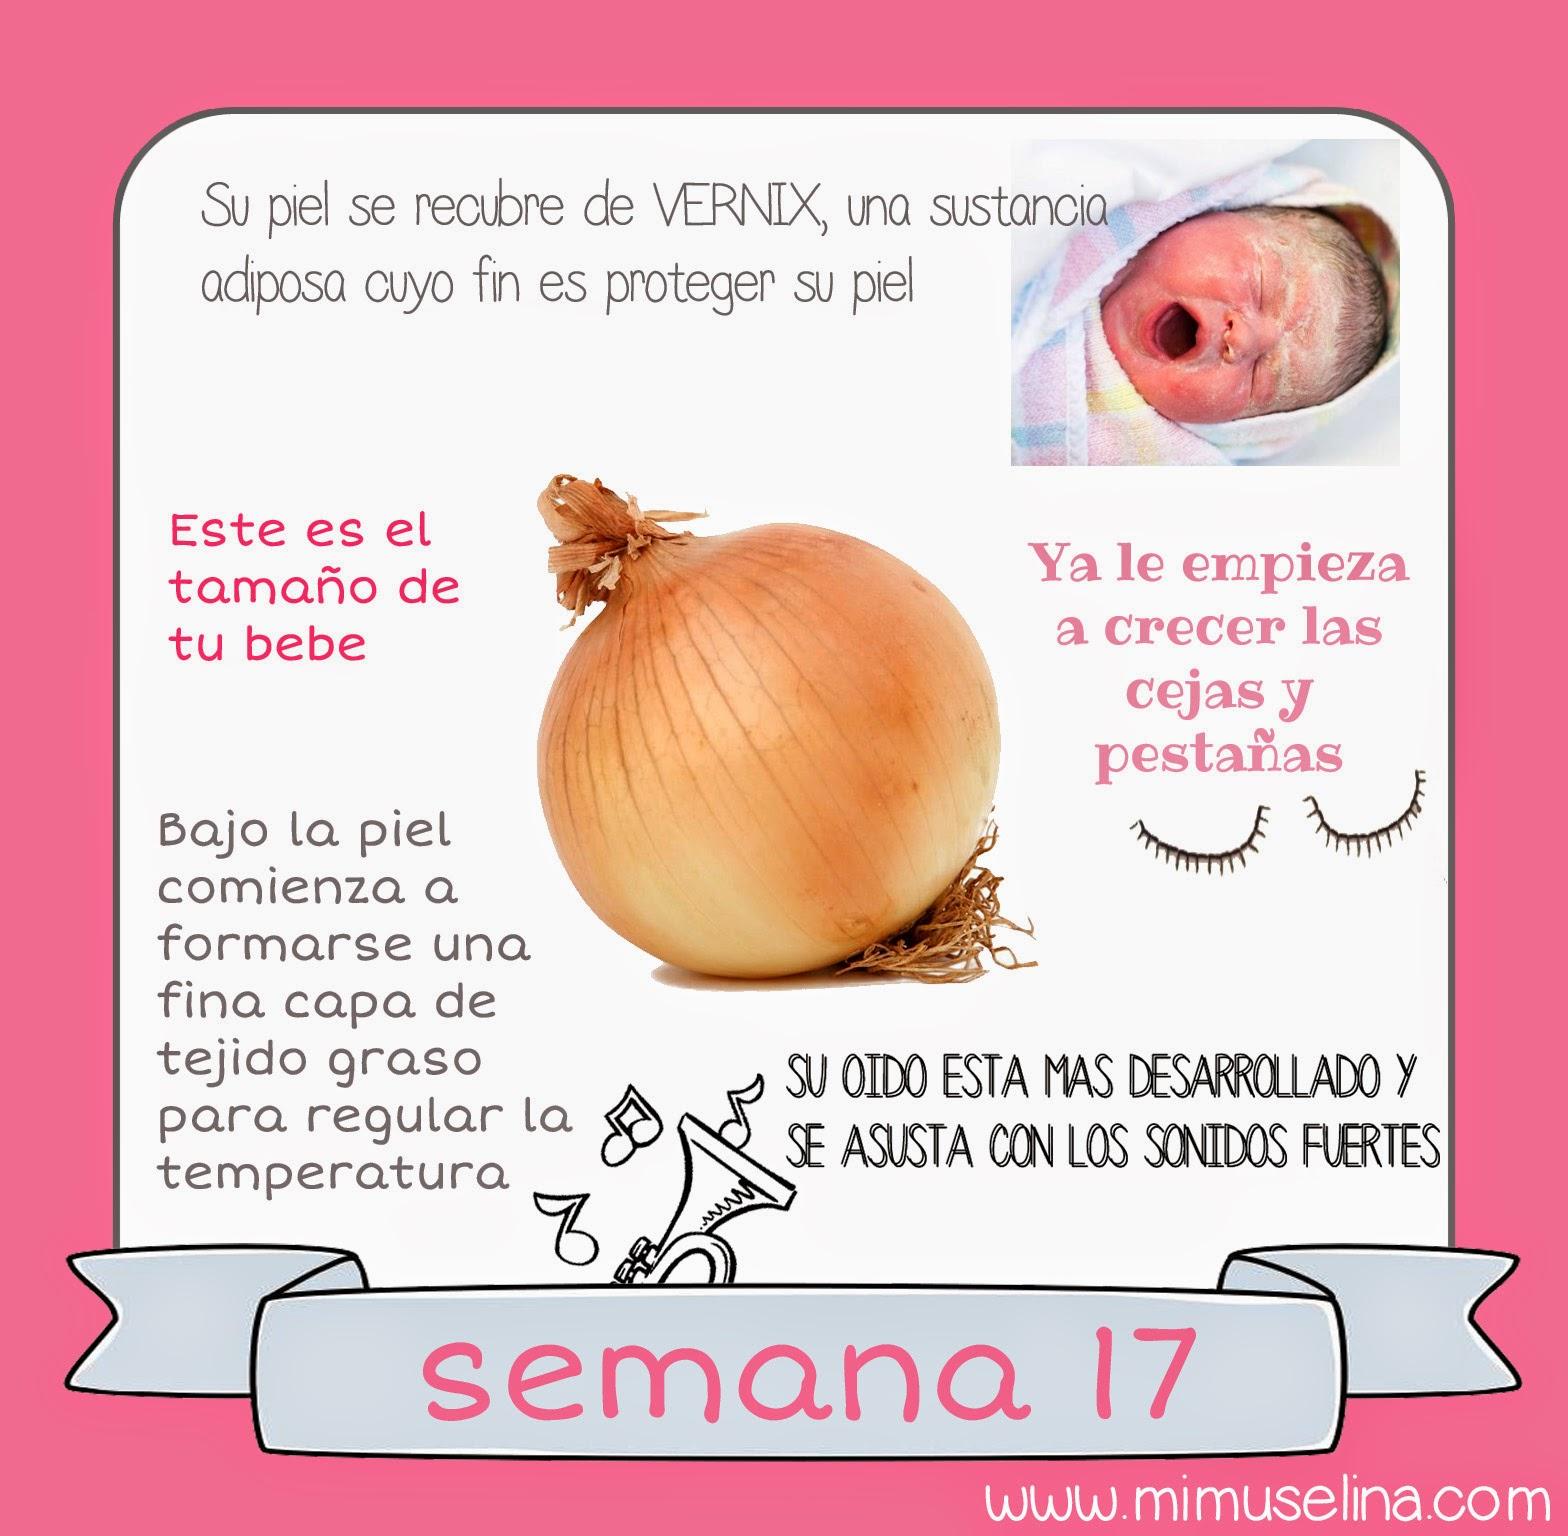 Semana 17 embarazo. Tamaño y evolución del bebé @mimuselina